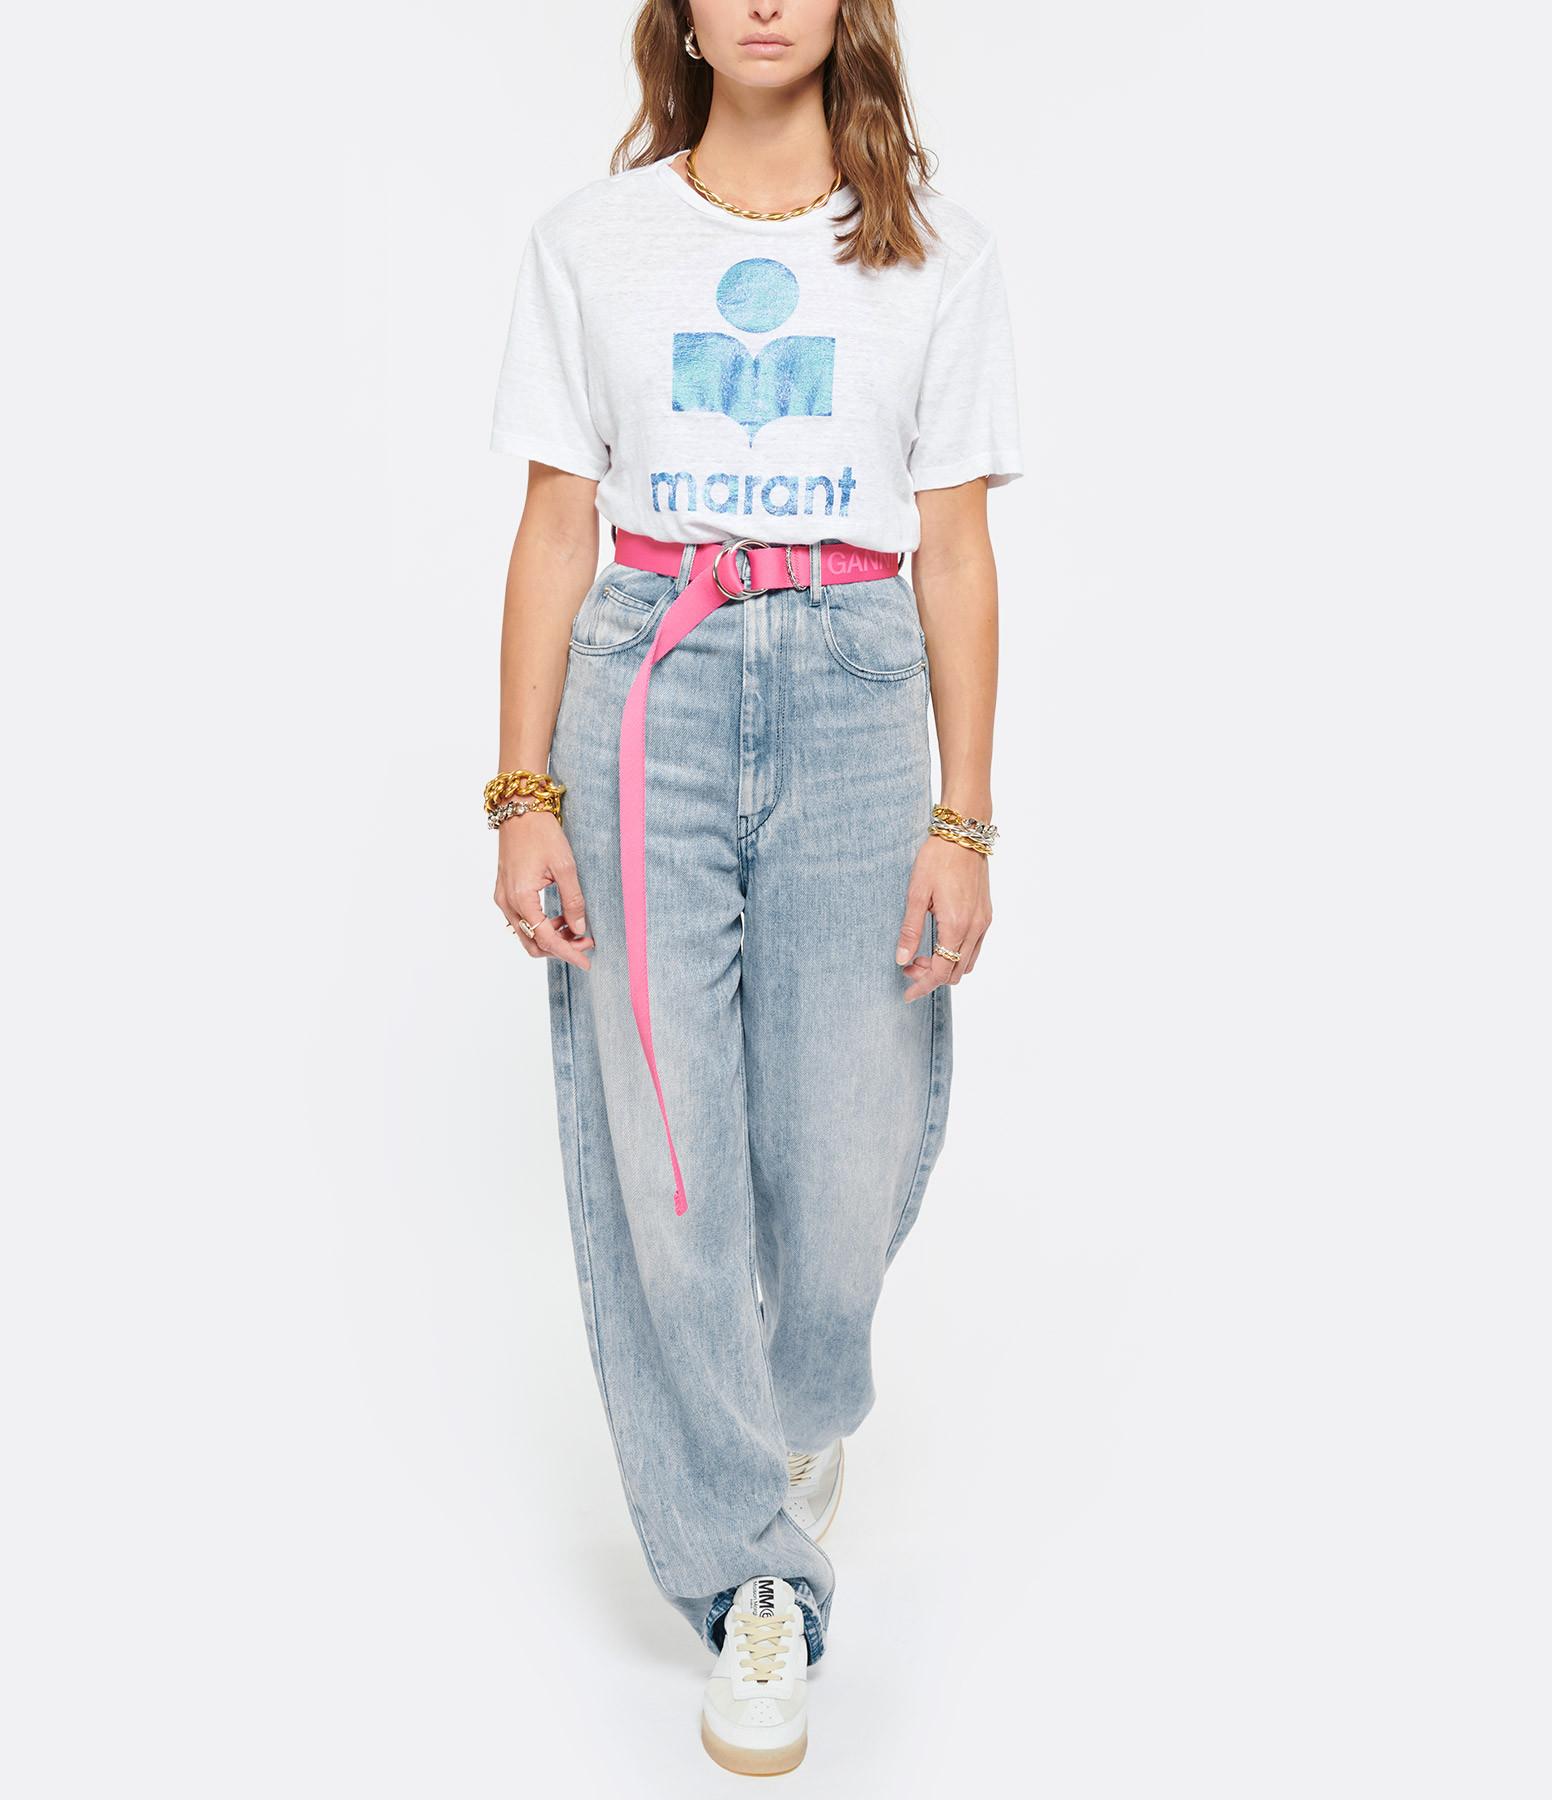 ISABEL MARANT ÉTOILE - Tee-shirt Zewel Lin Blanc Bleu